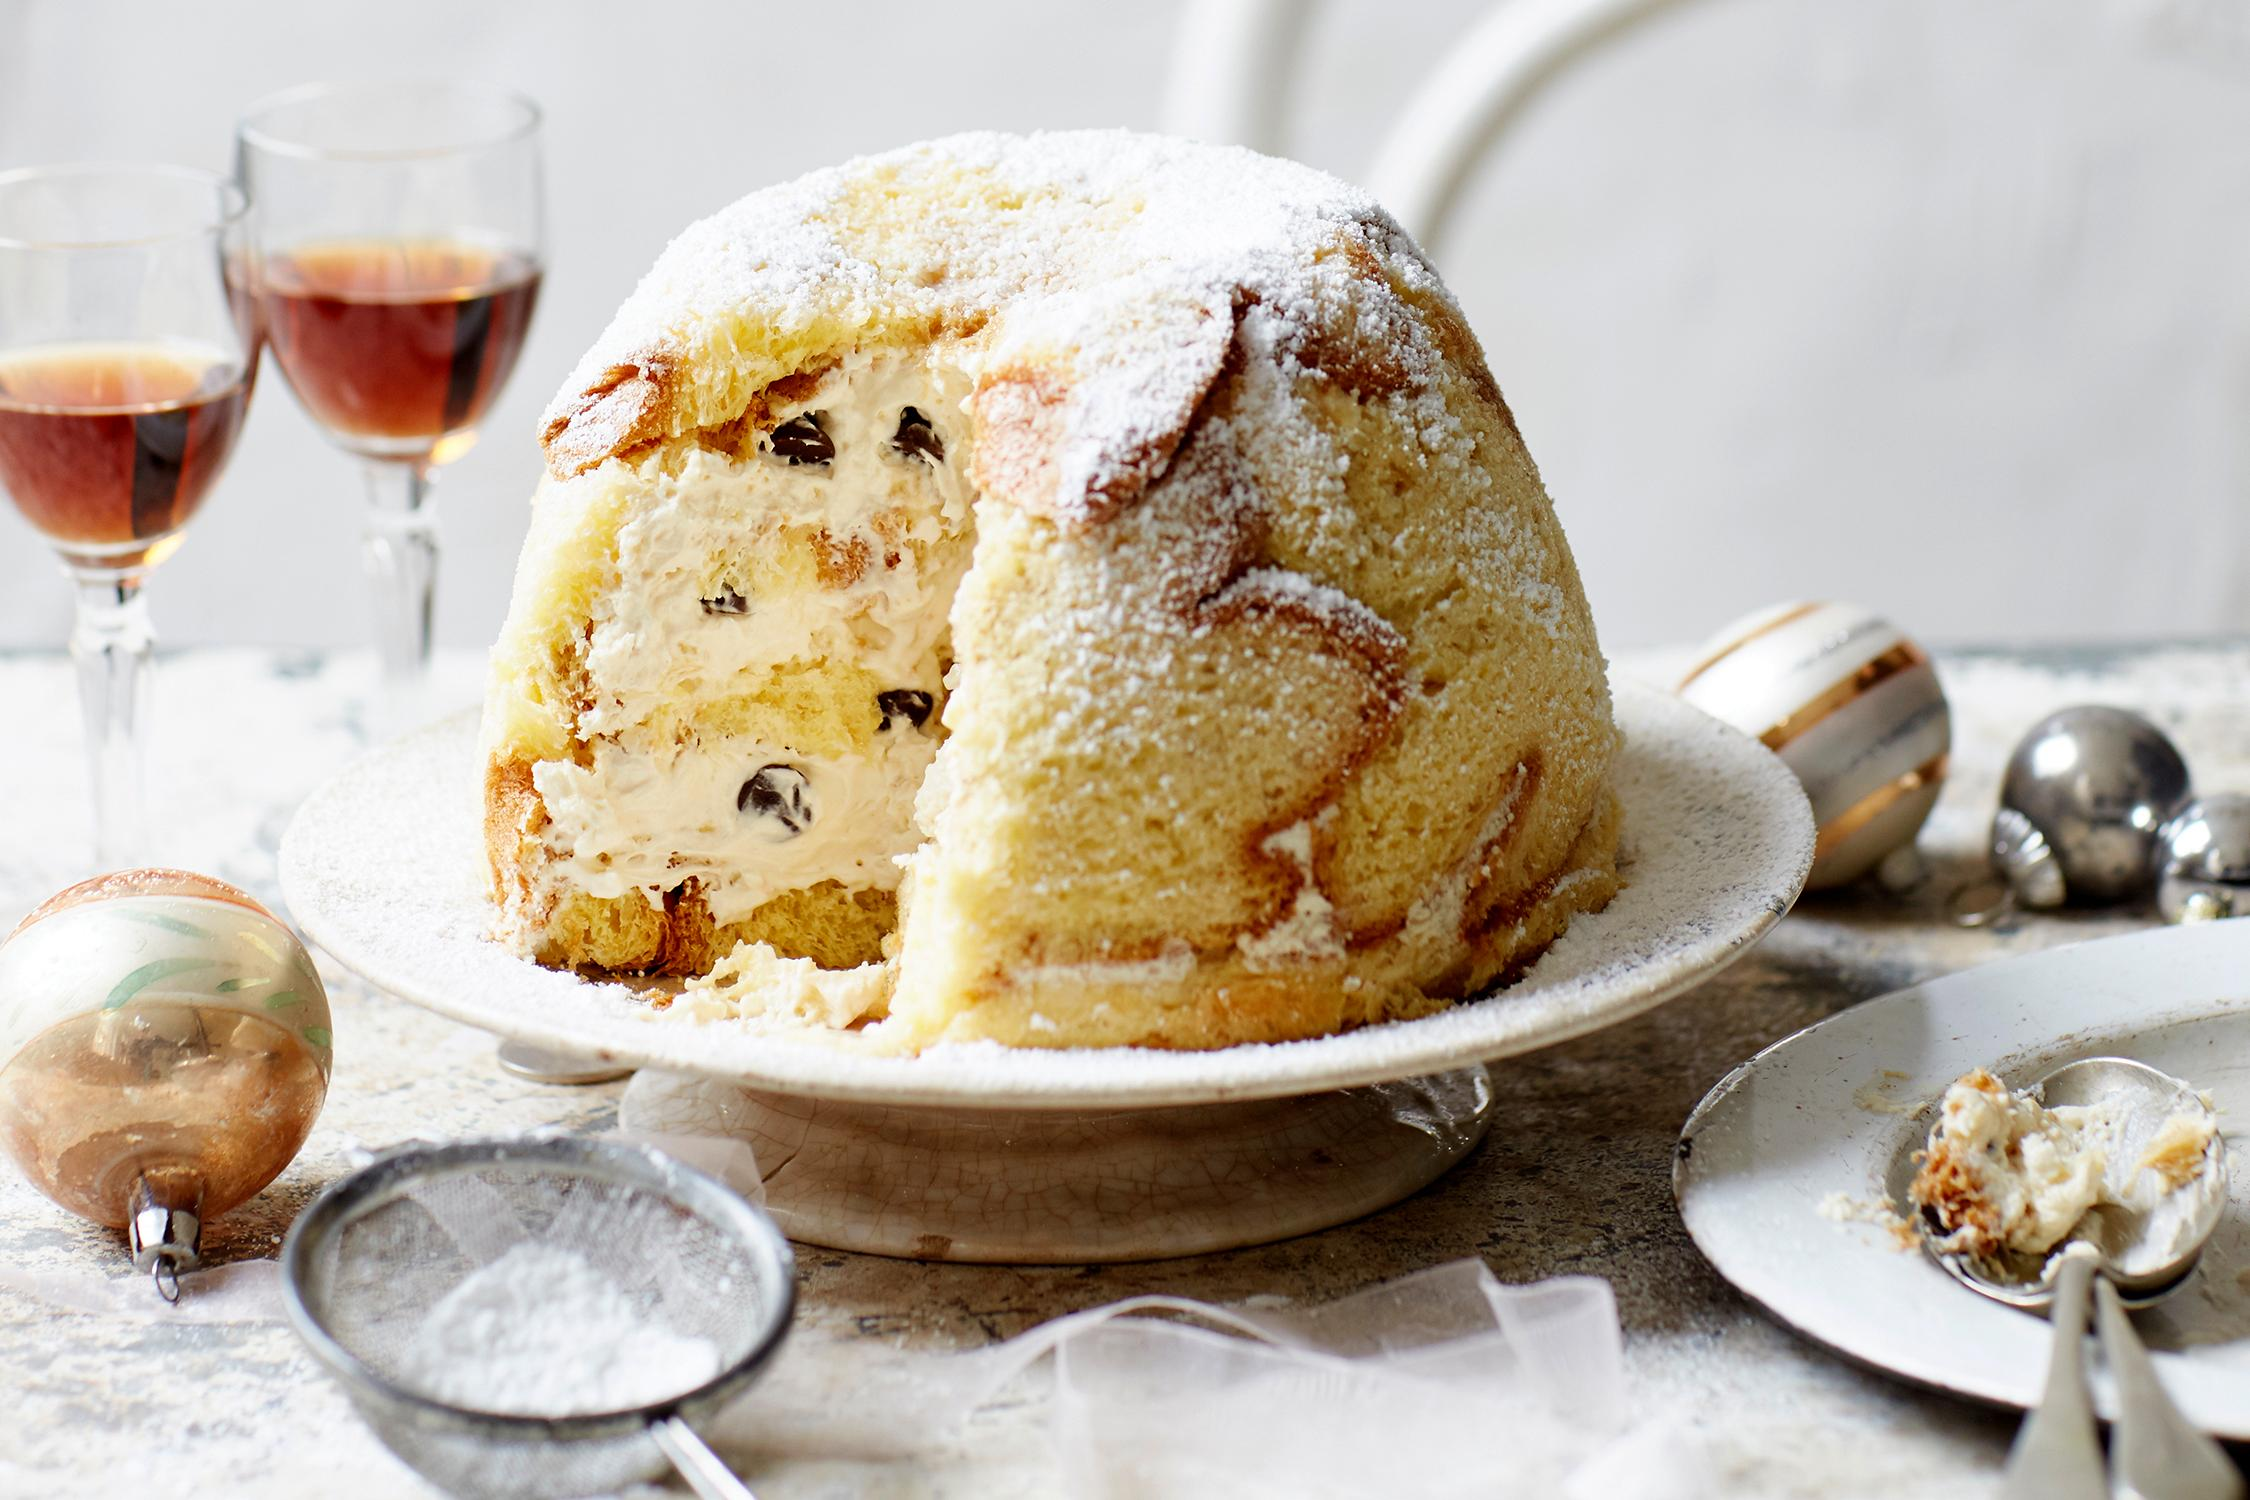 Giorgio Locatelli S Zuccotto Di Pandoro Al Tiramisu Recipe